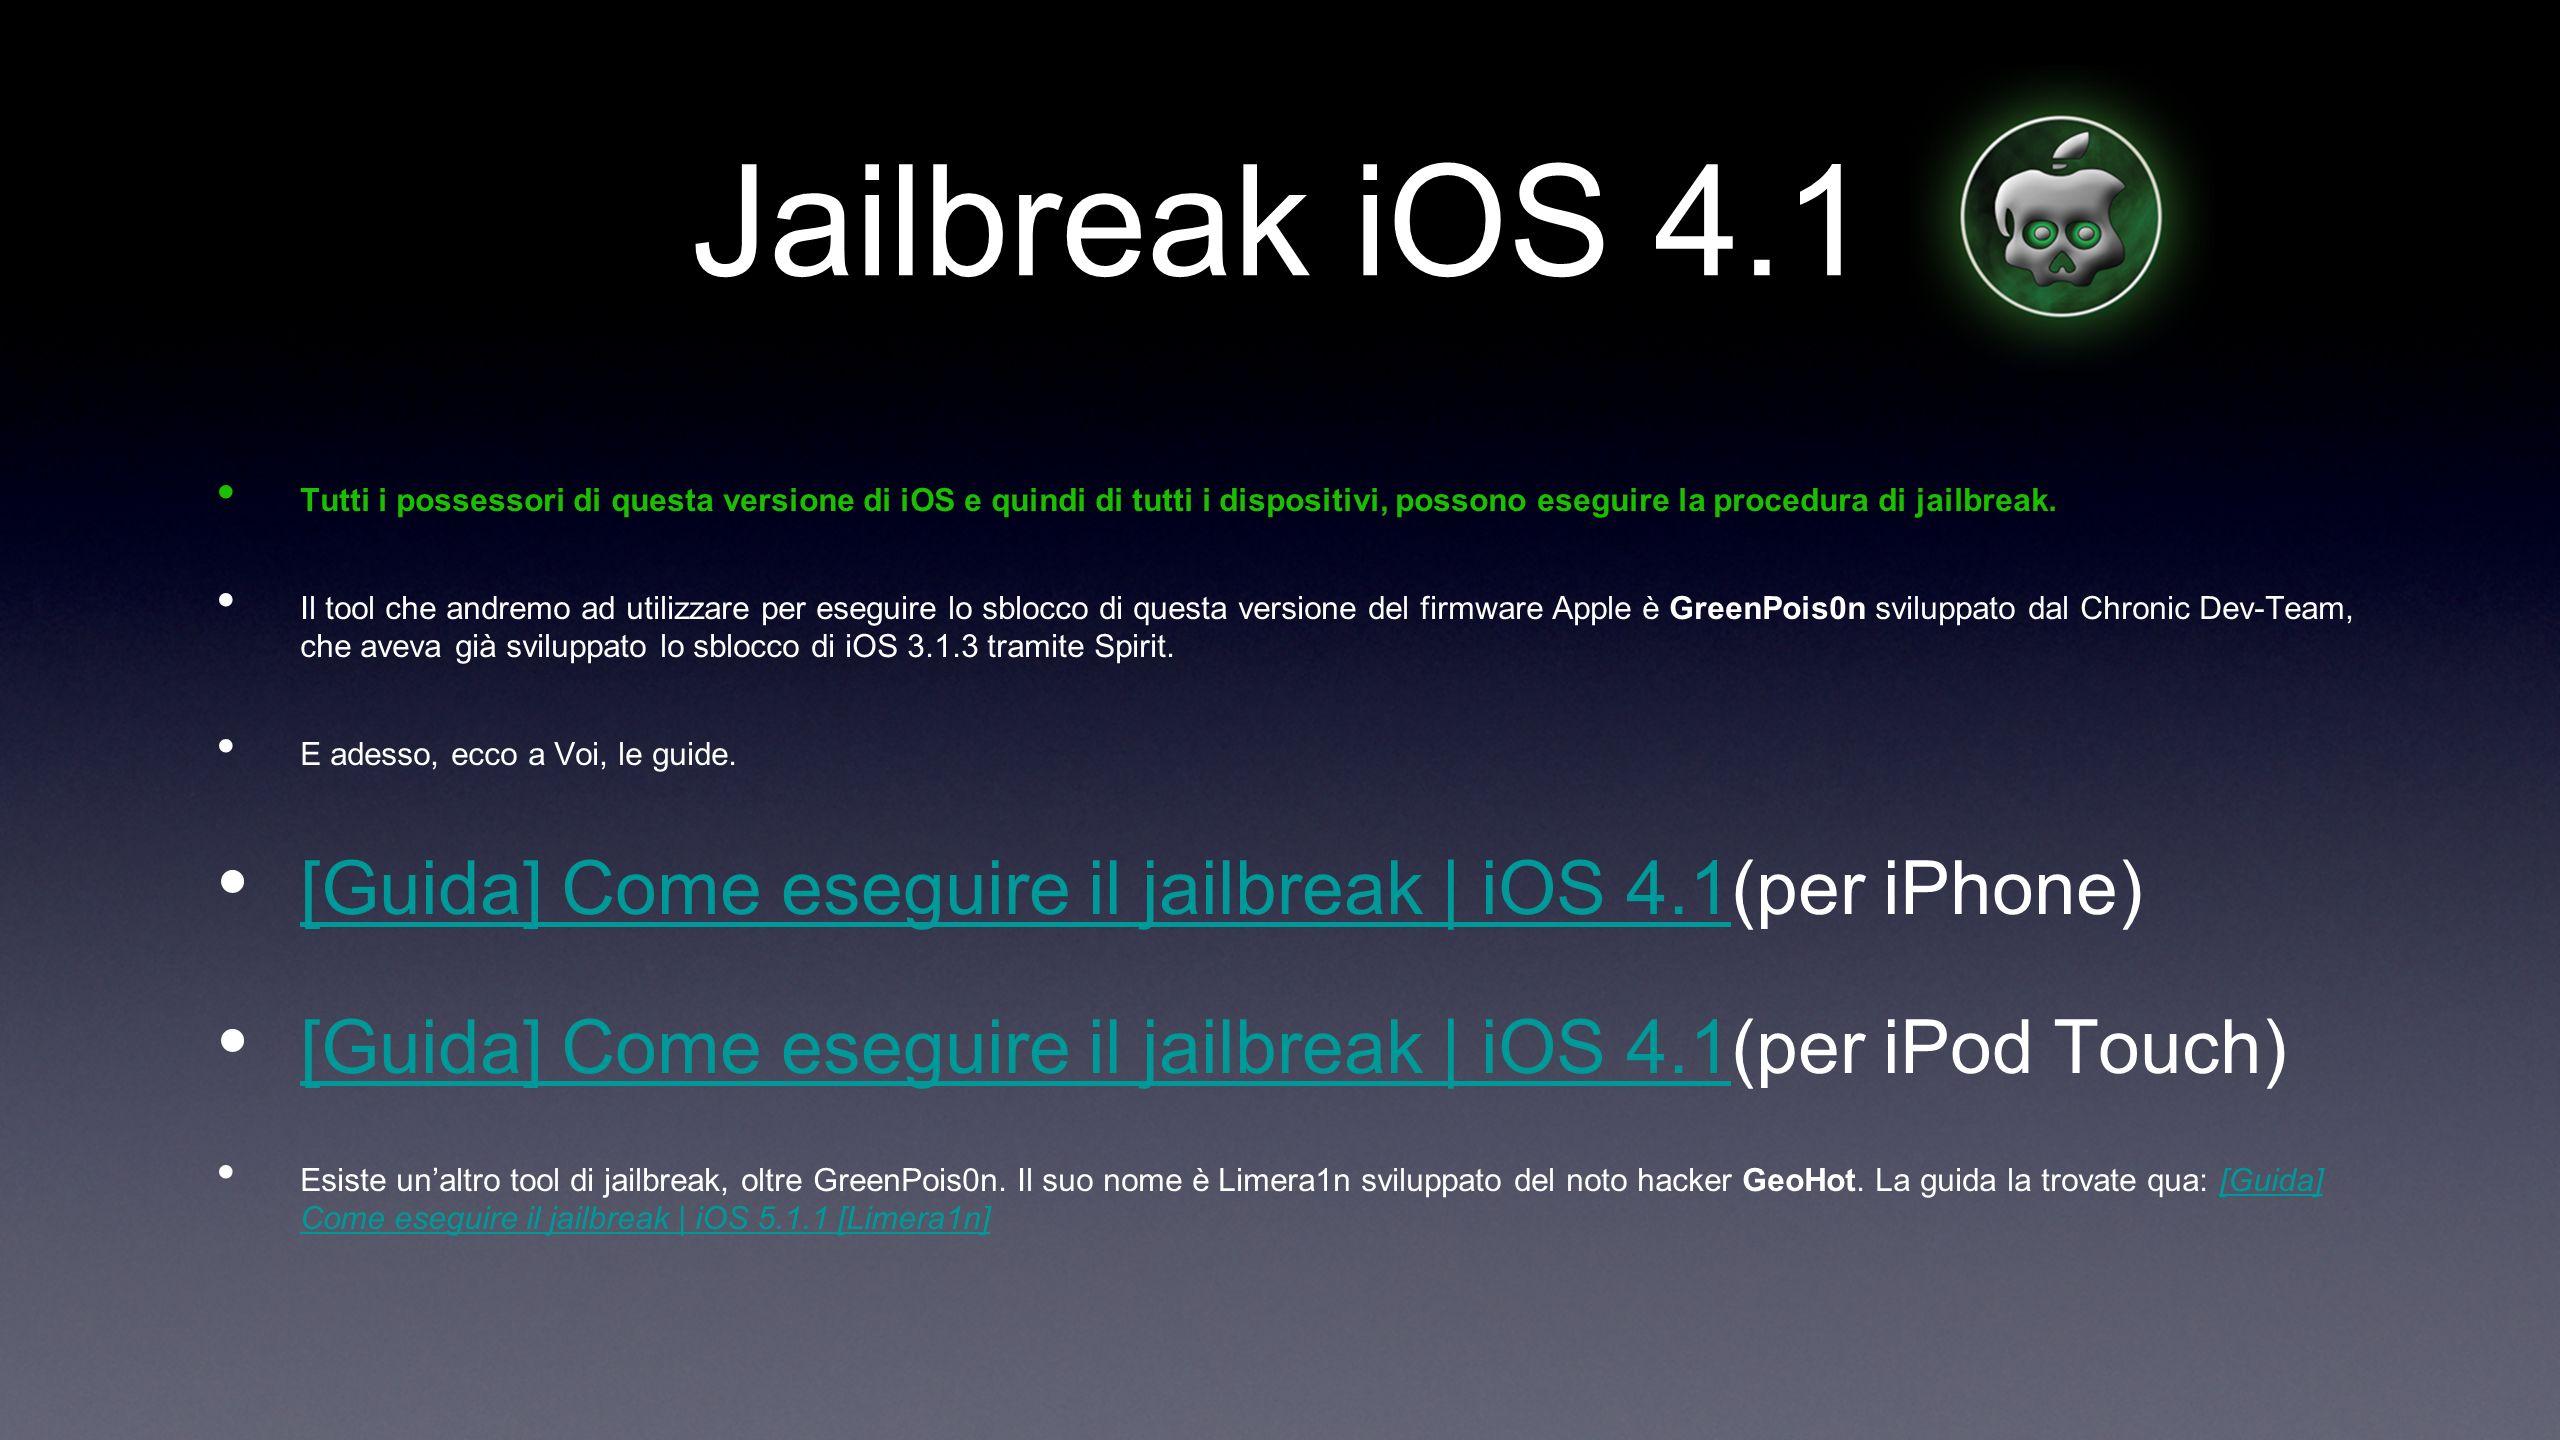 Jailbreak iOS 4.1 Tutti i possessori di questa versione di iOS e quindi di tutti i dispositivi, possono eseguire la procedura di jailbreak. Il tool ch